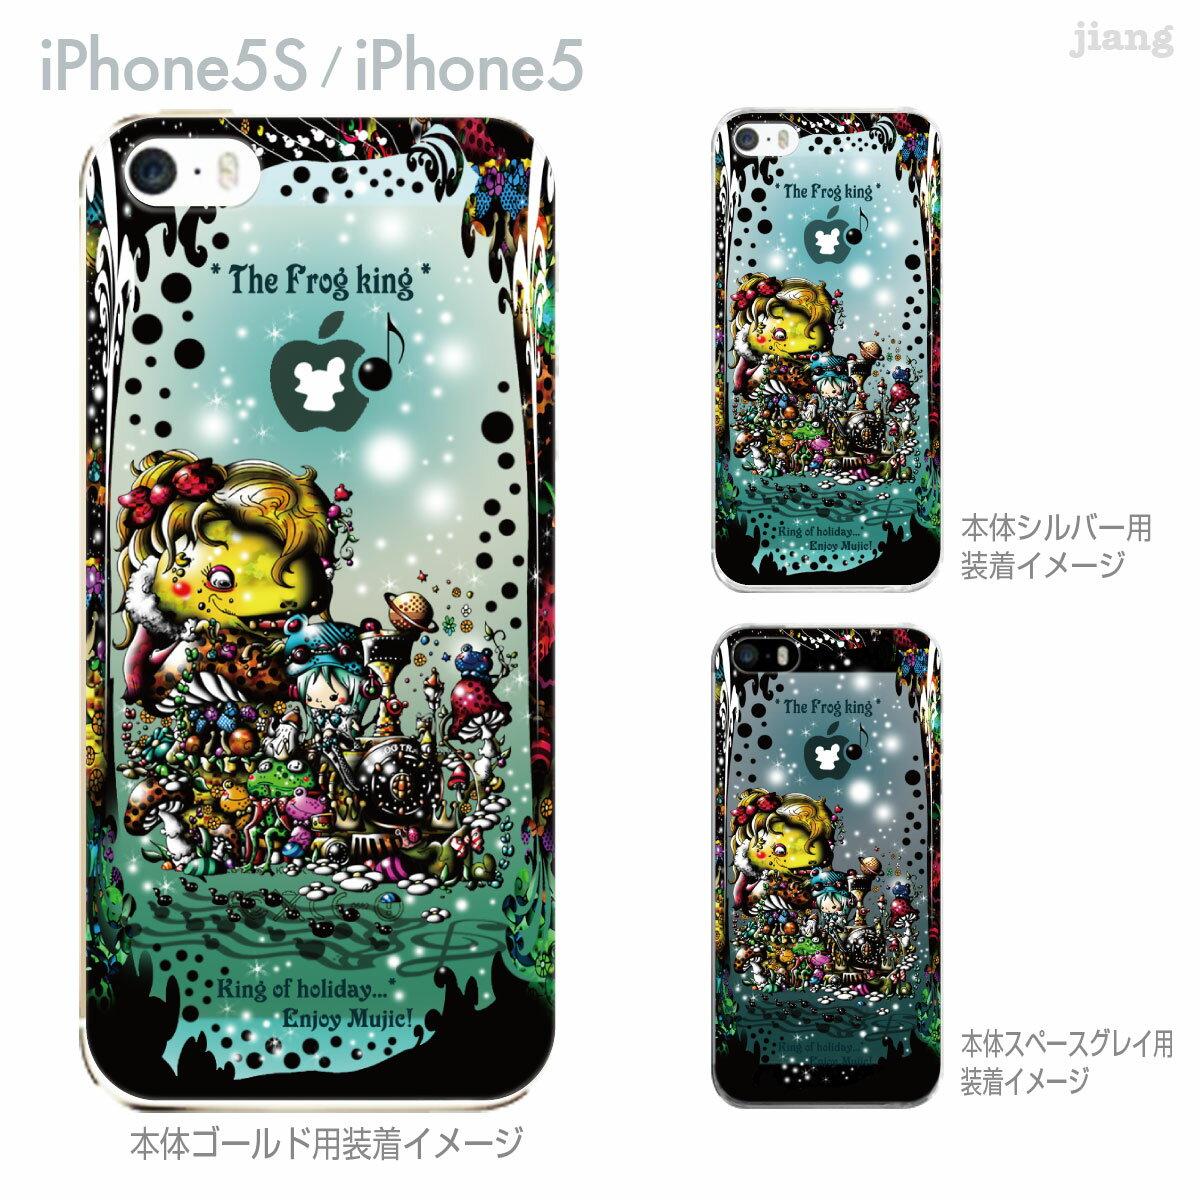 【iPhone5s】【iPhone5】【Little World】【iPhone5ケース】【カバー】【スマホケース】【クリアケース】【イラスト】【グリム童話】【かえるの王様】 25-ip5s-am0096